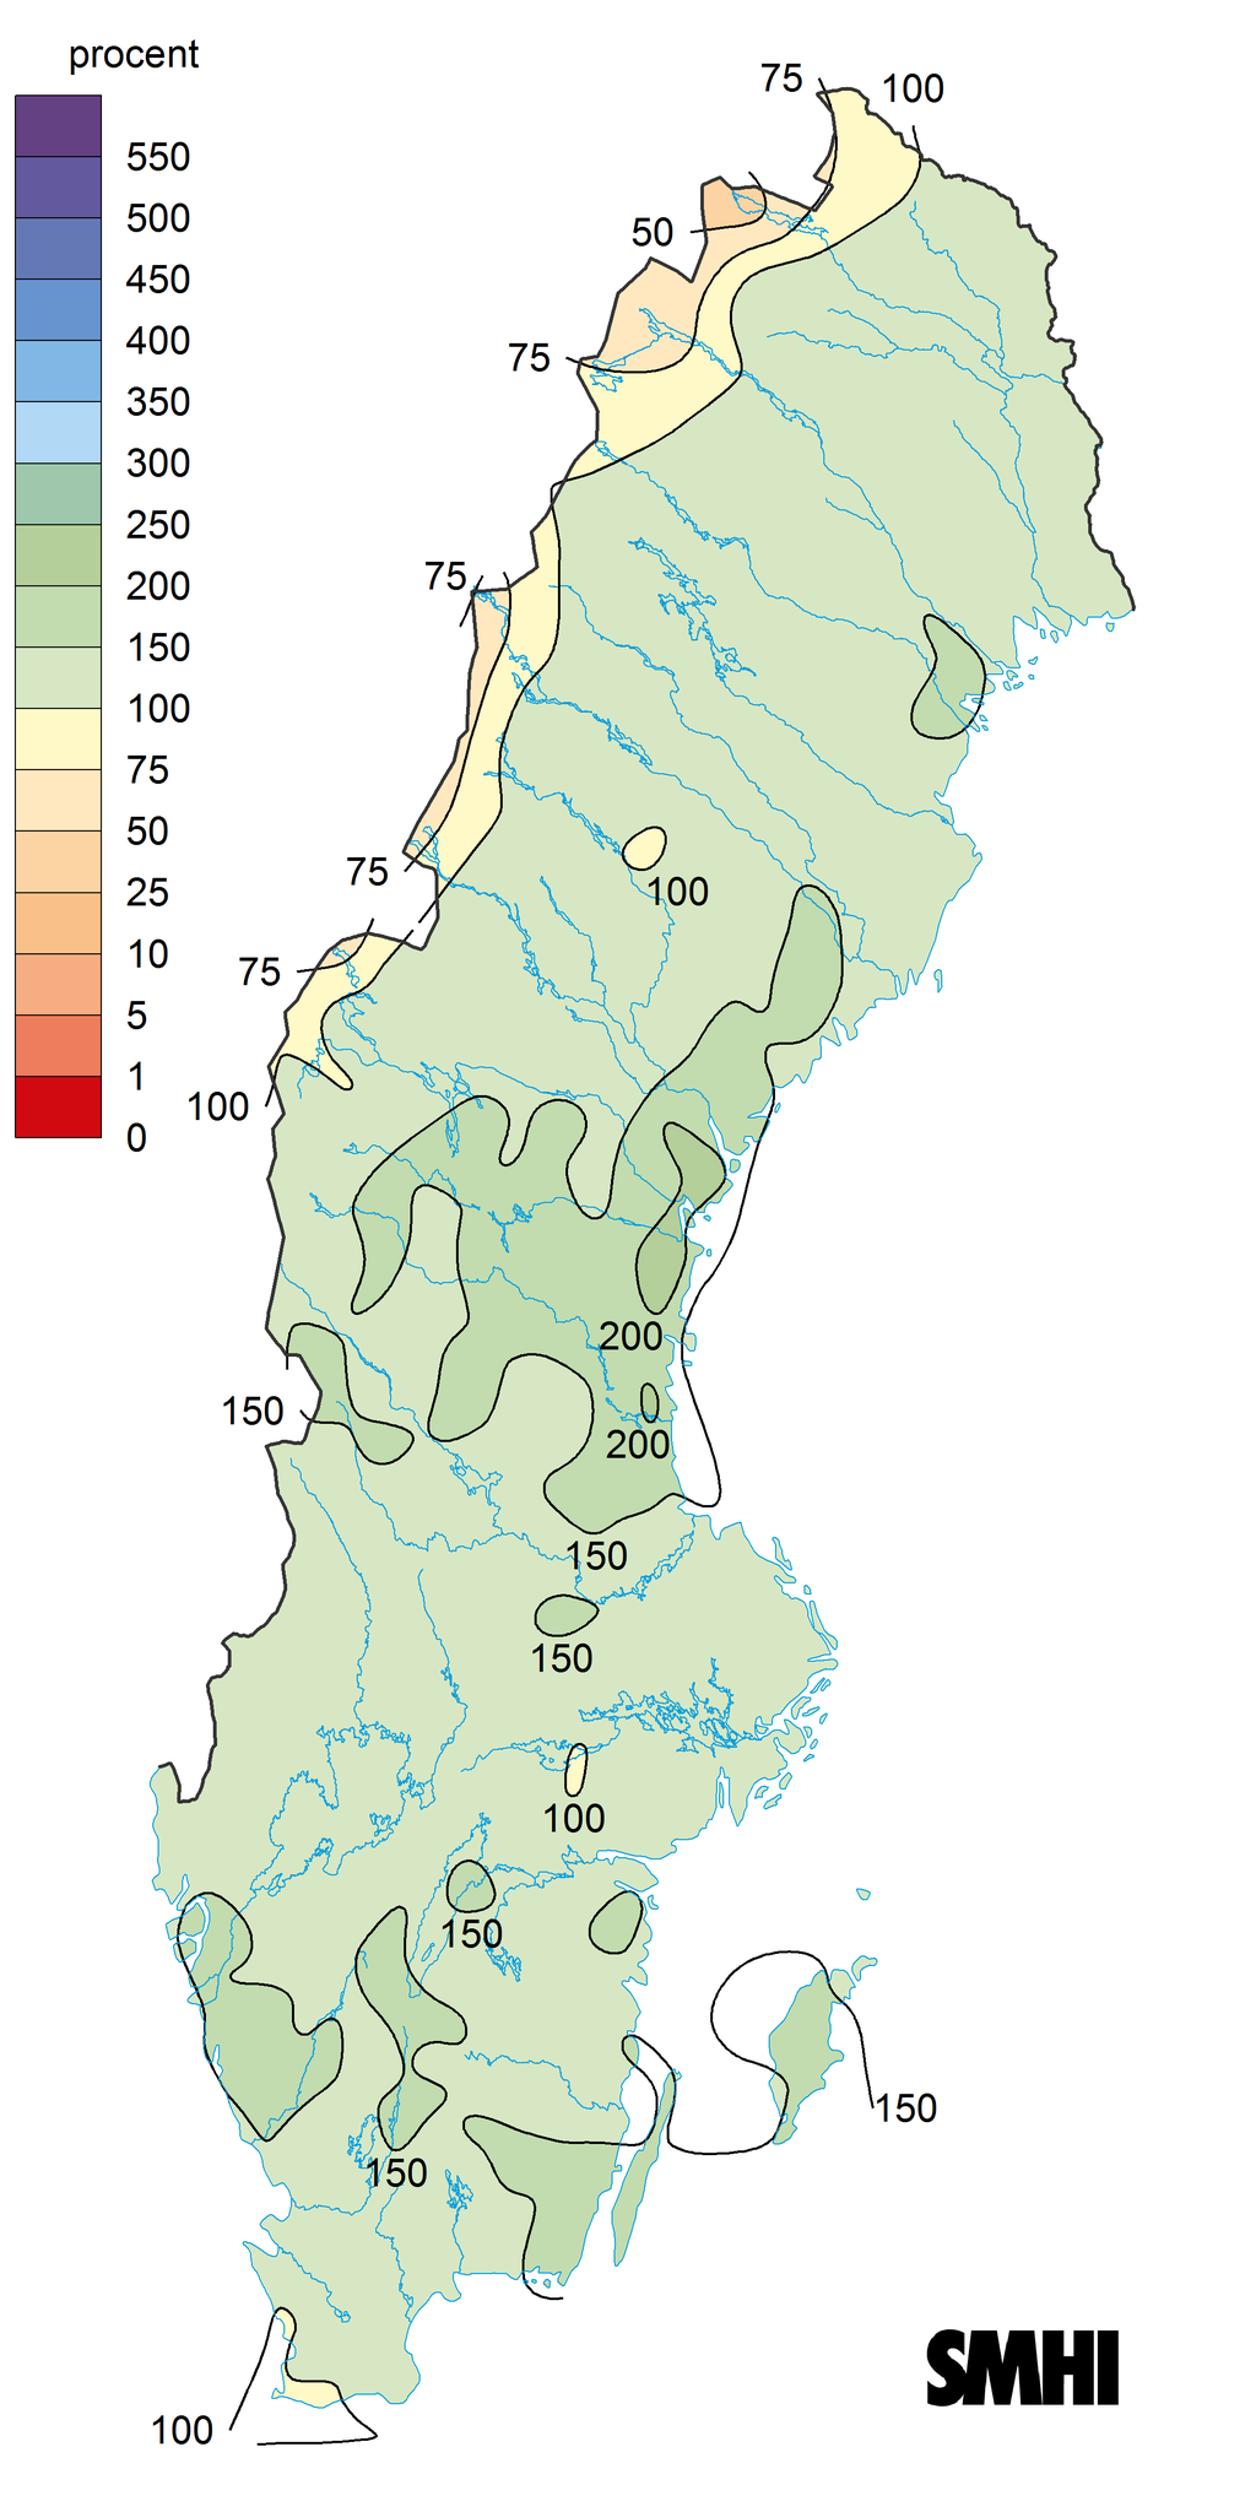 Rekordvarme i norr och vast